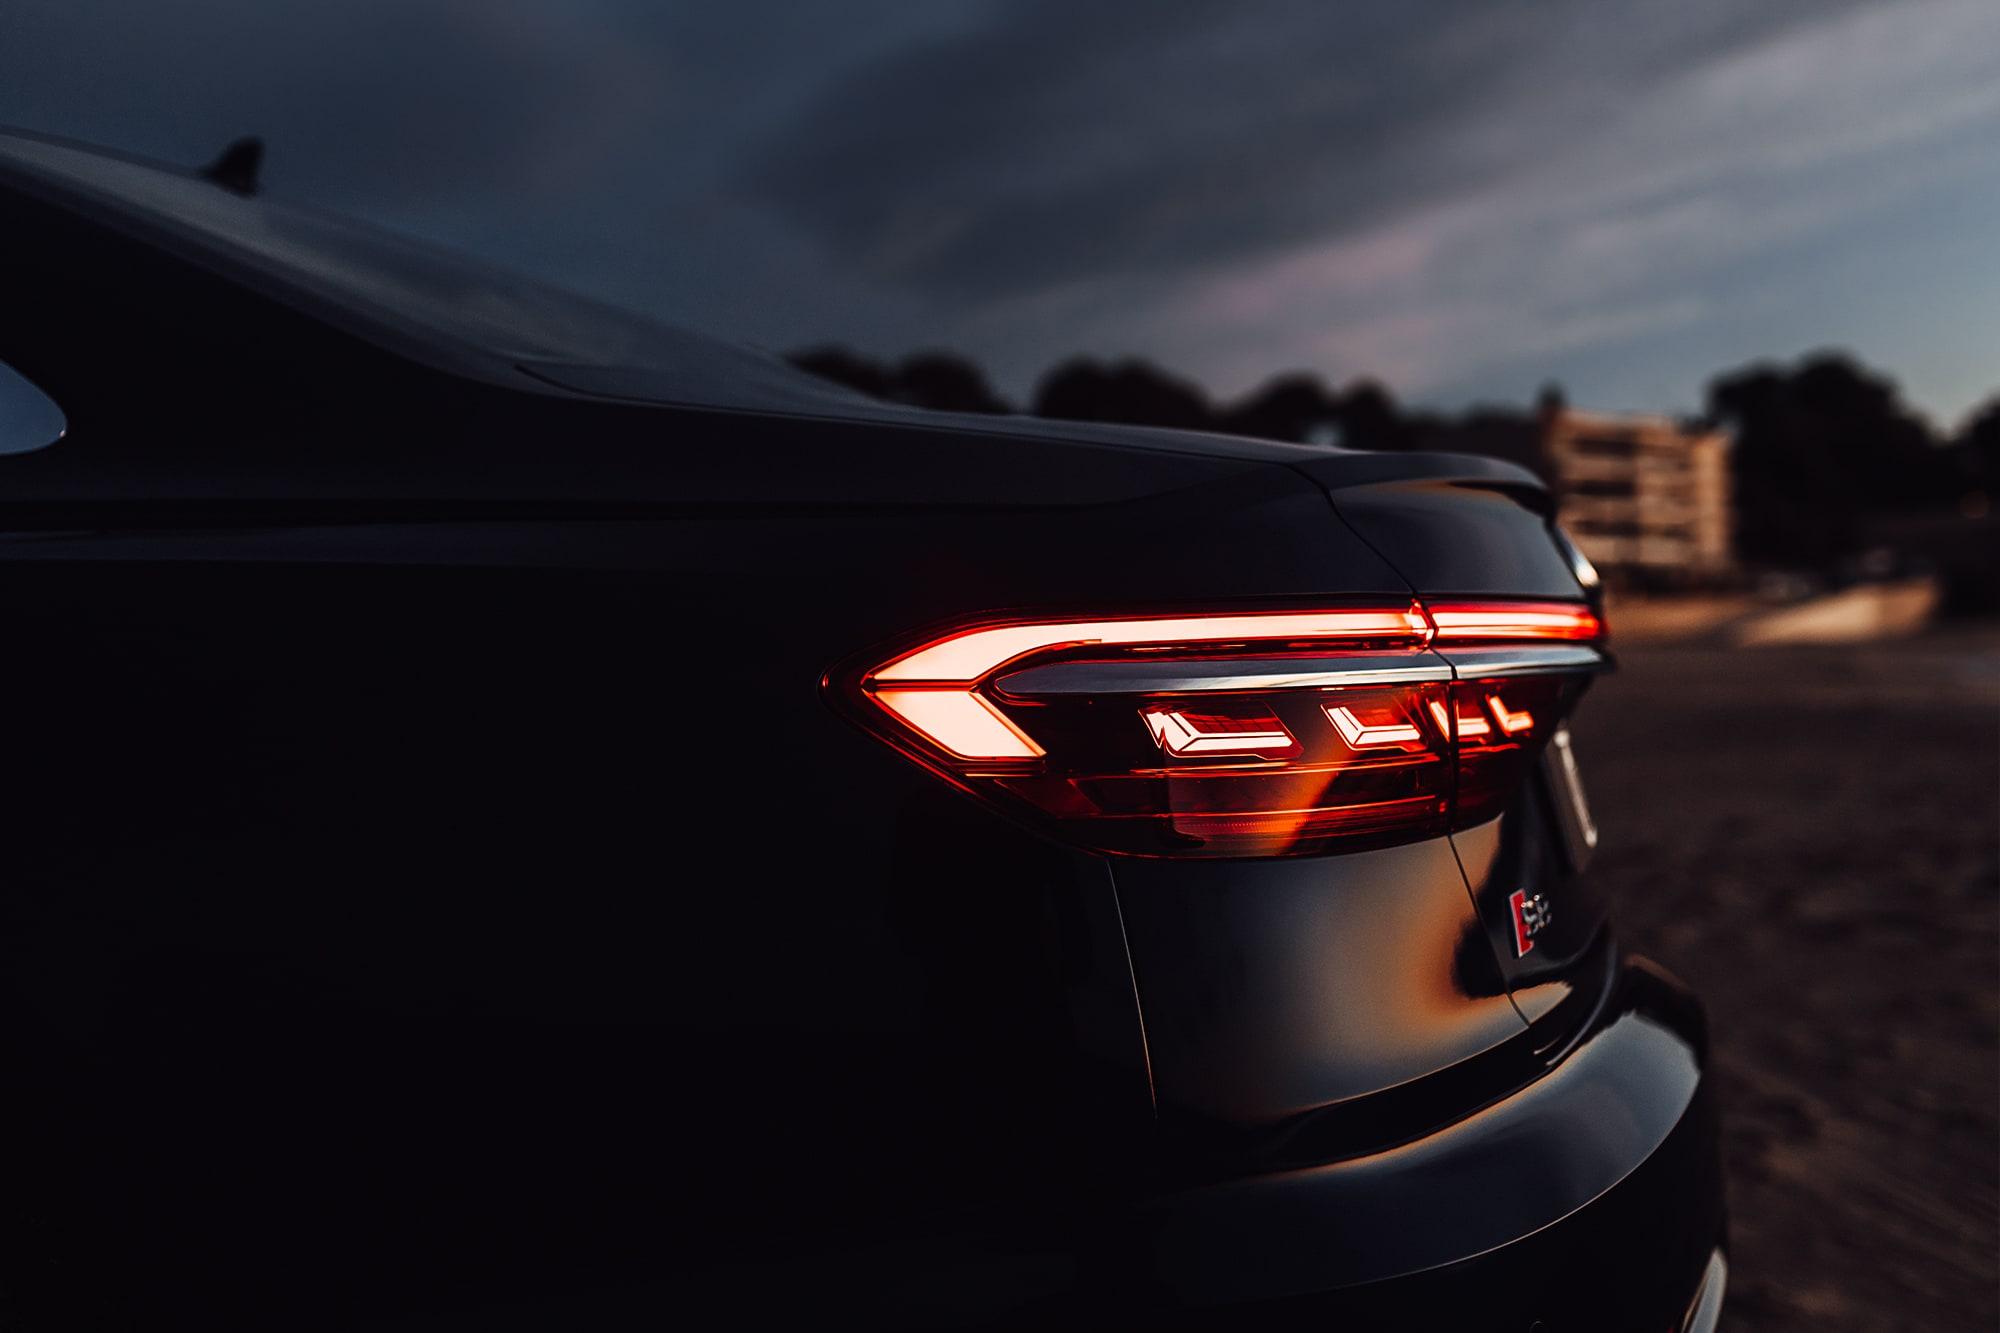 Der neue Audi S8: Komfort und Leistung auf die Spitze getrieben 15